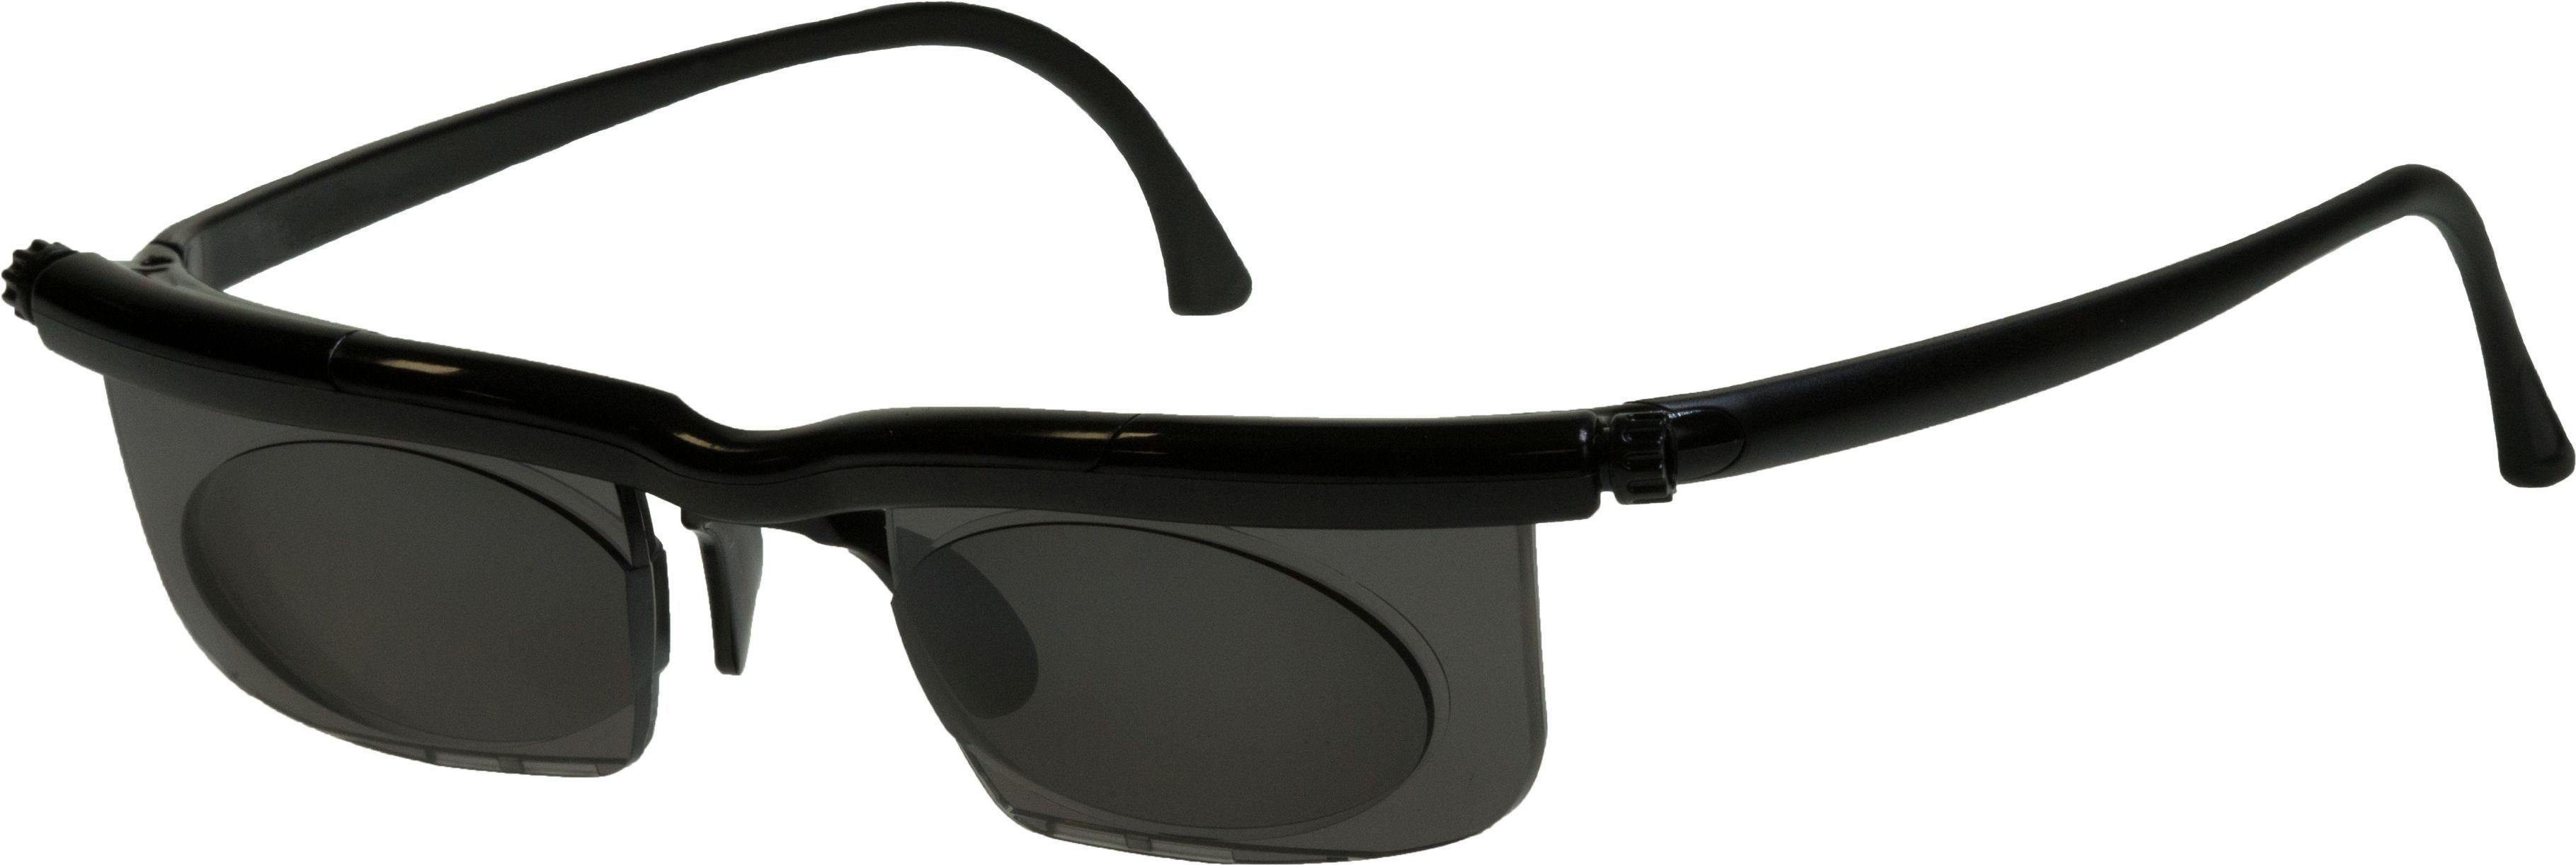 Maximex Sonnenbrille, individuell einstellbar, »Adlens®«, grün